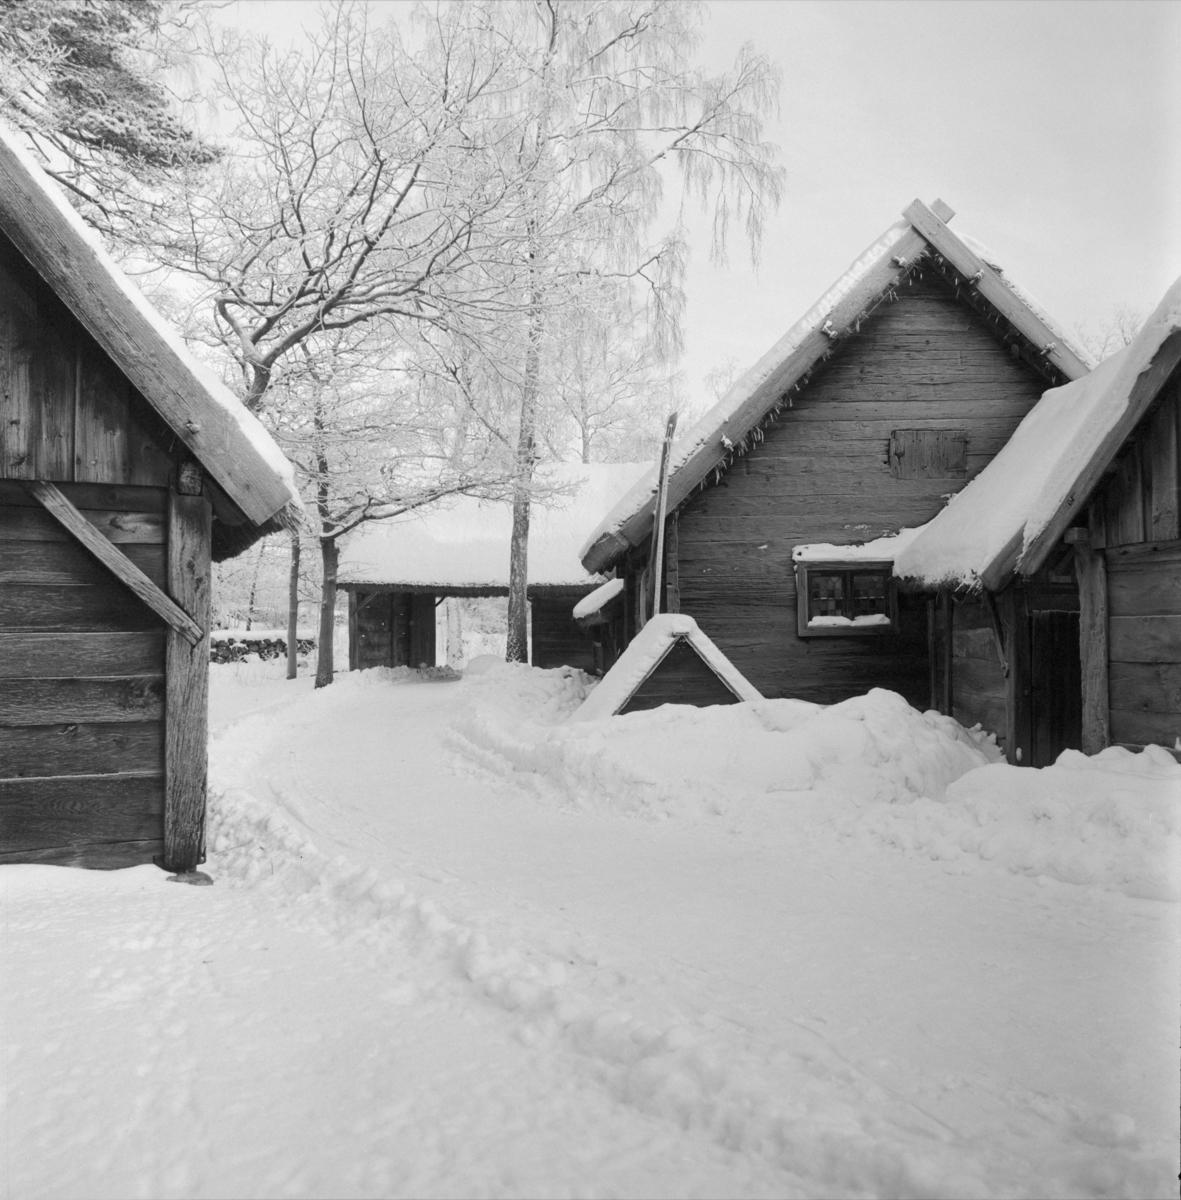 Vinterbilder på gårdar, ute och inne. Skansen.